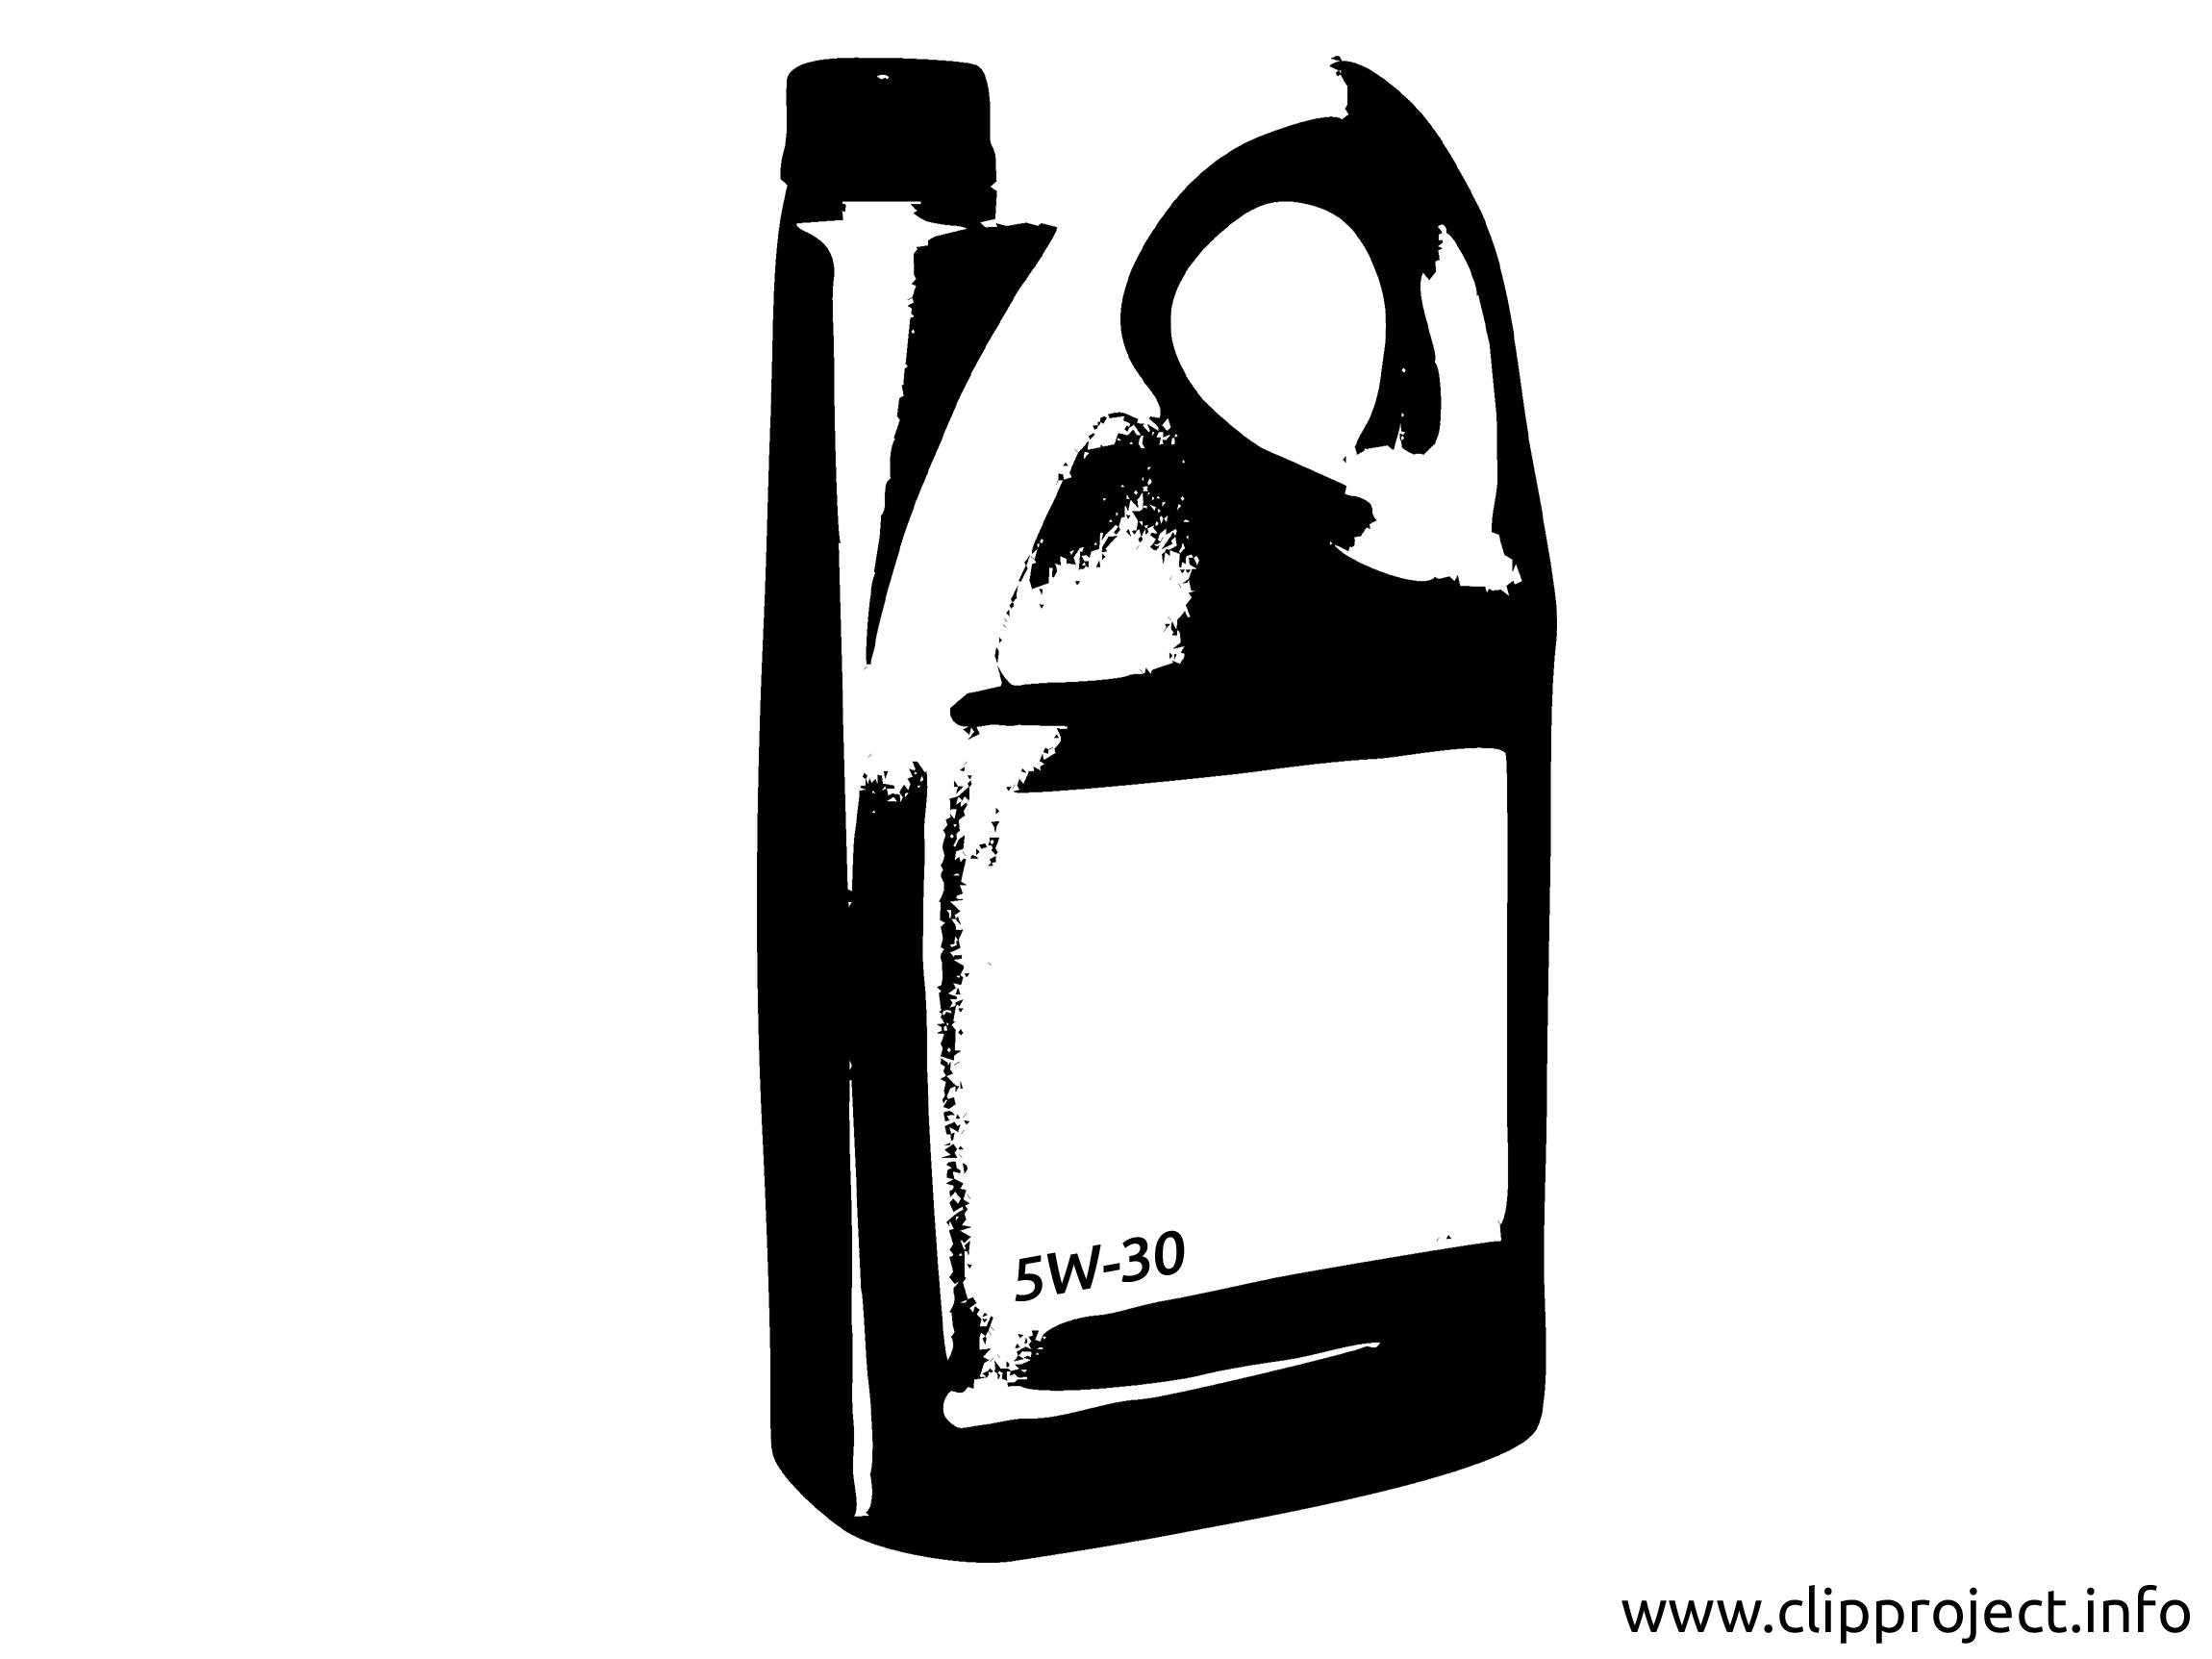 Briquet clip art gratuit - Noir et blanc dessin